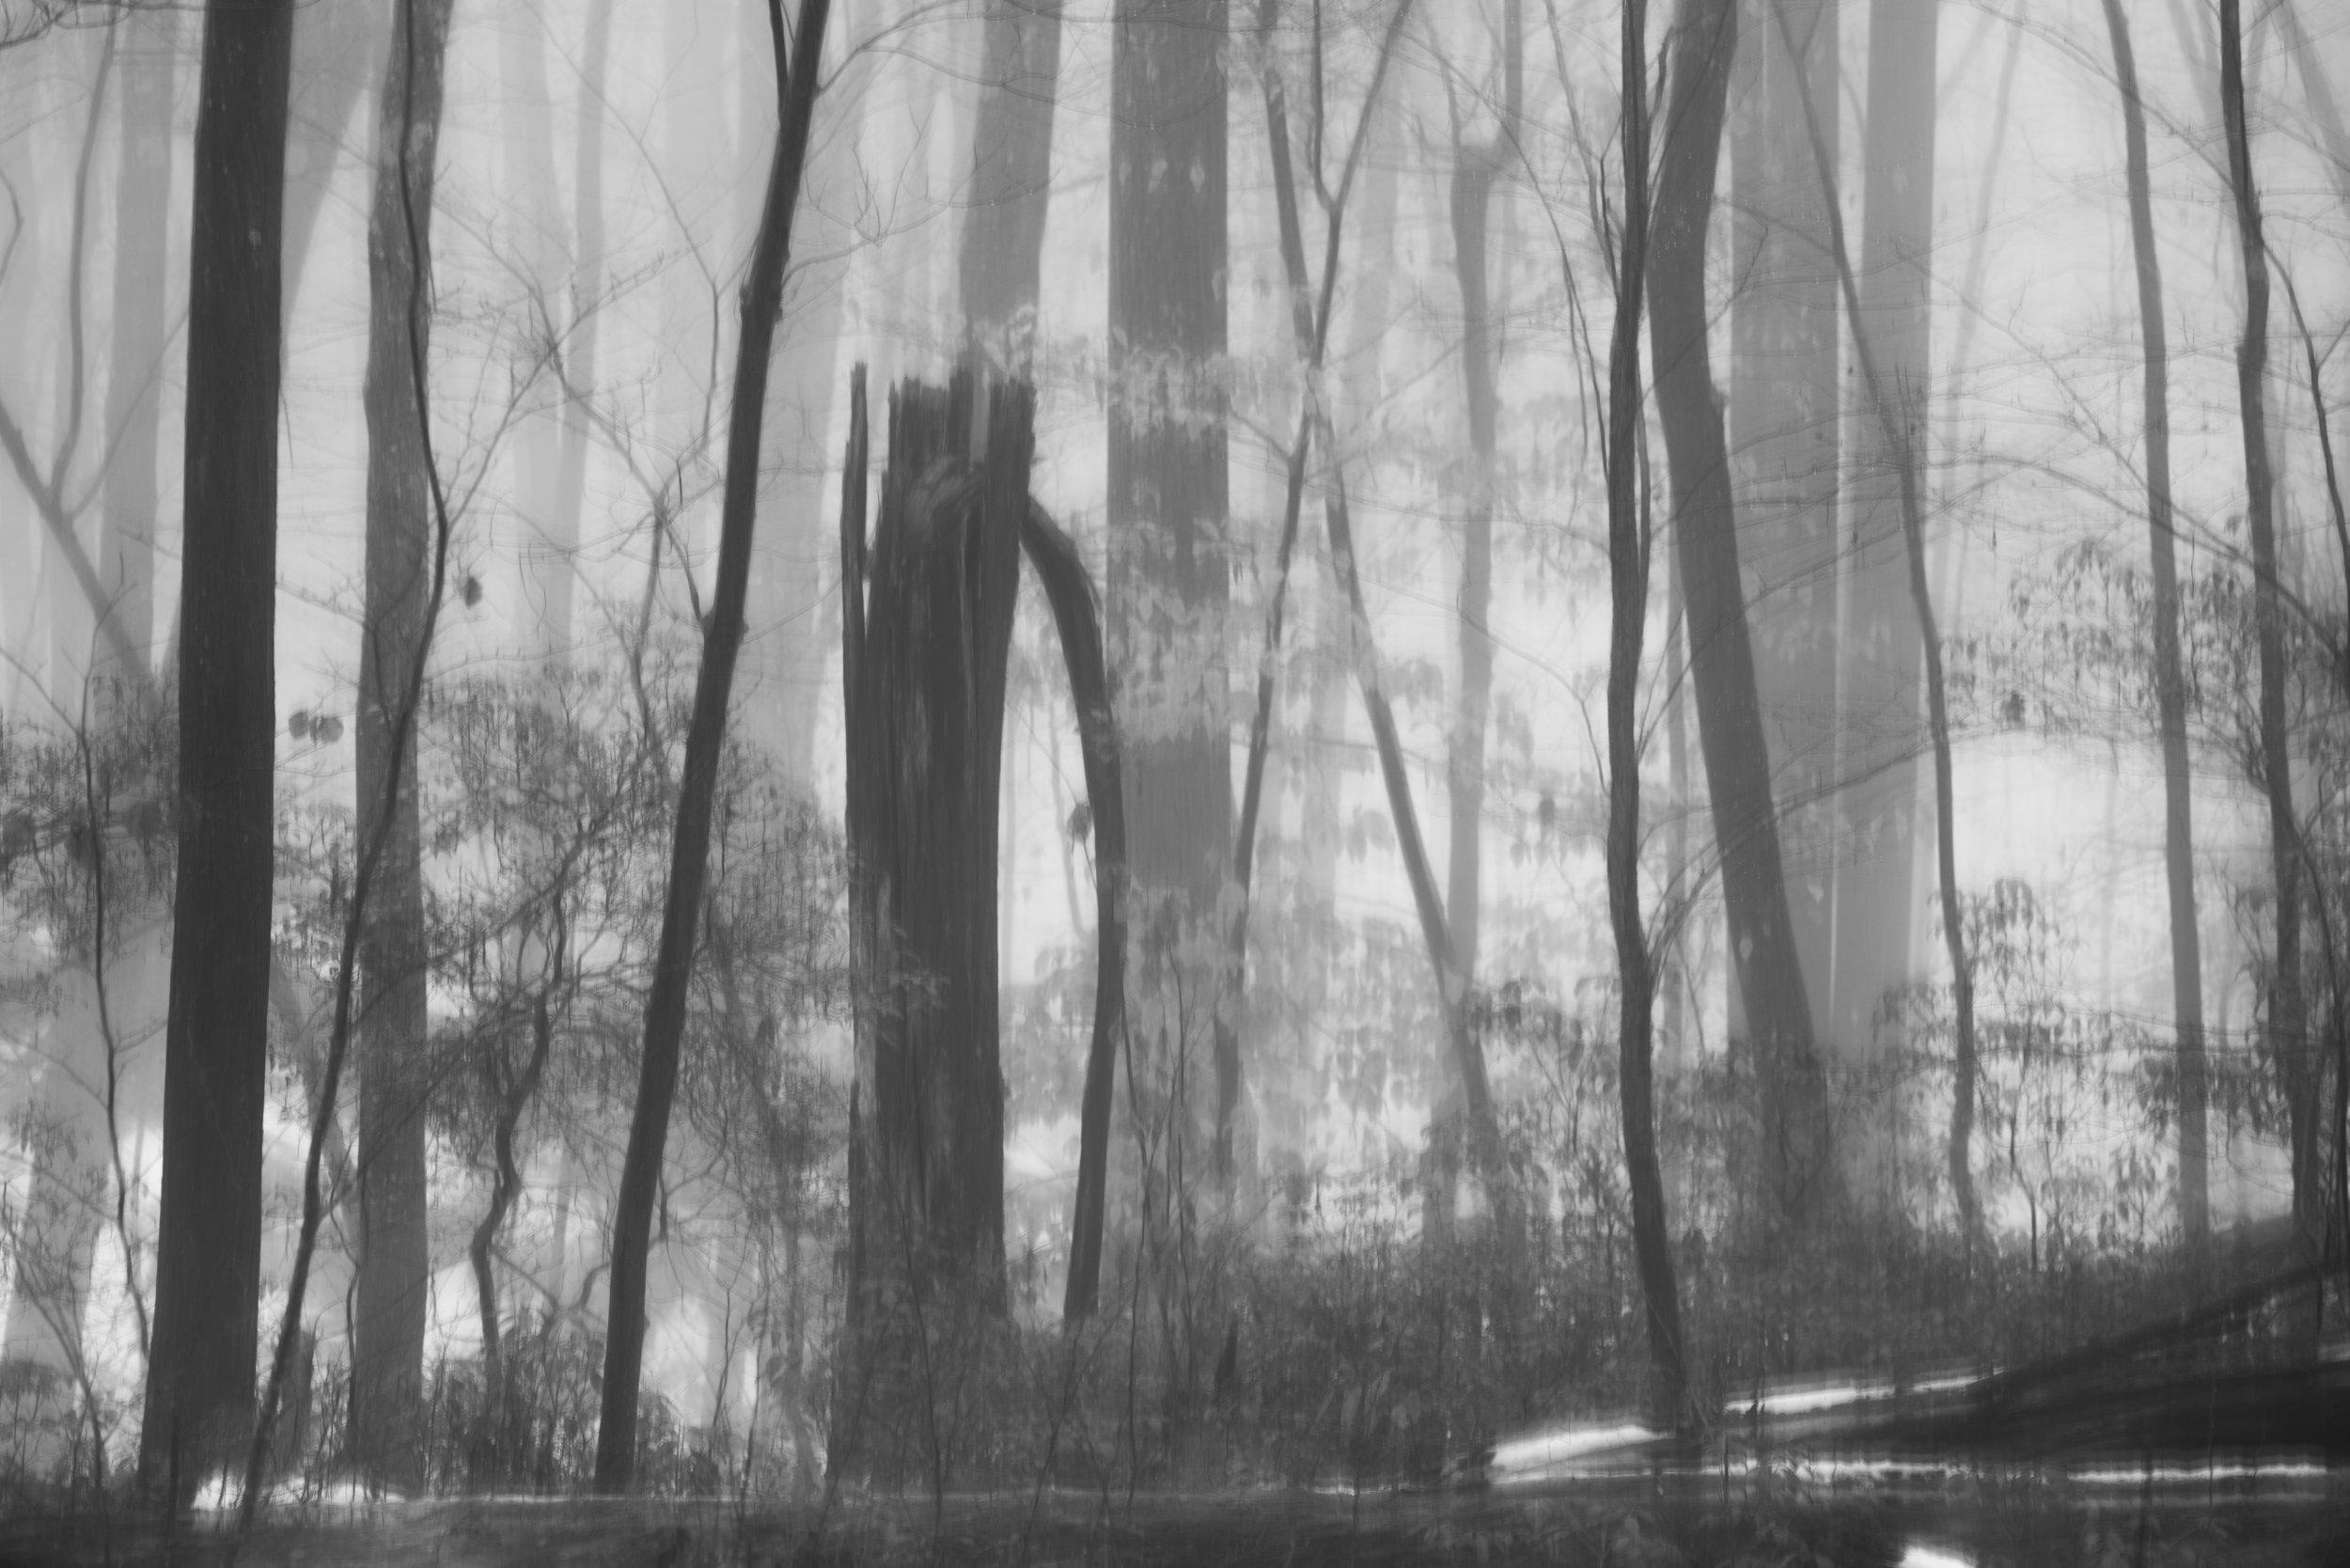 diversity_trees_fog.jpg